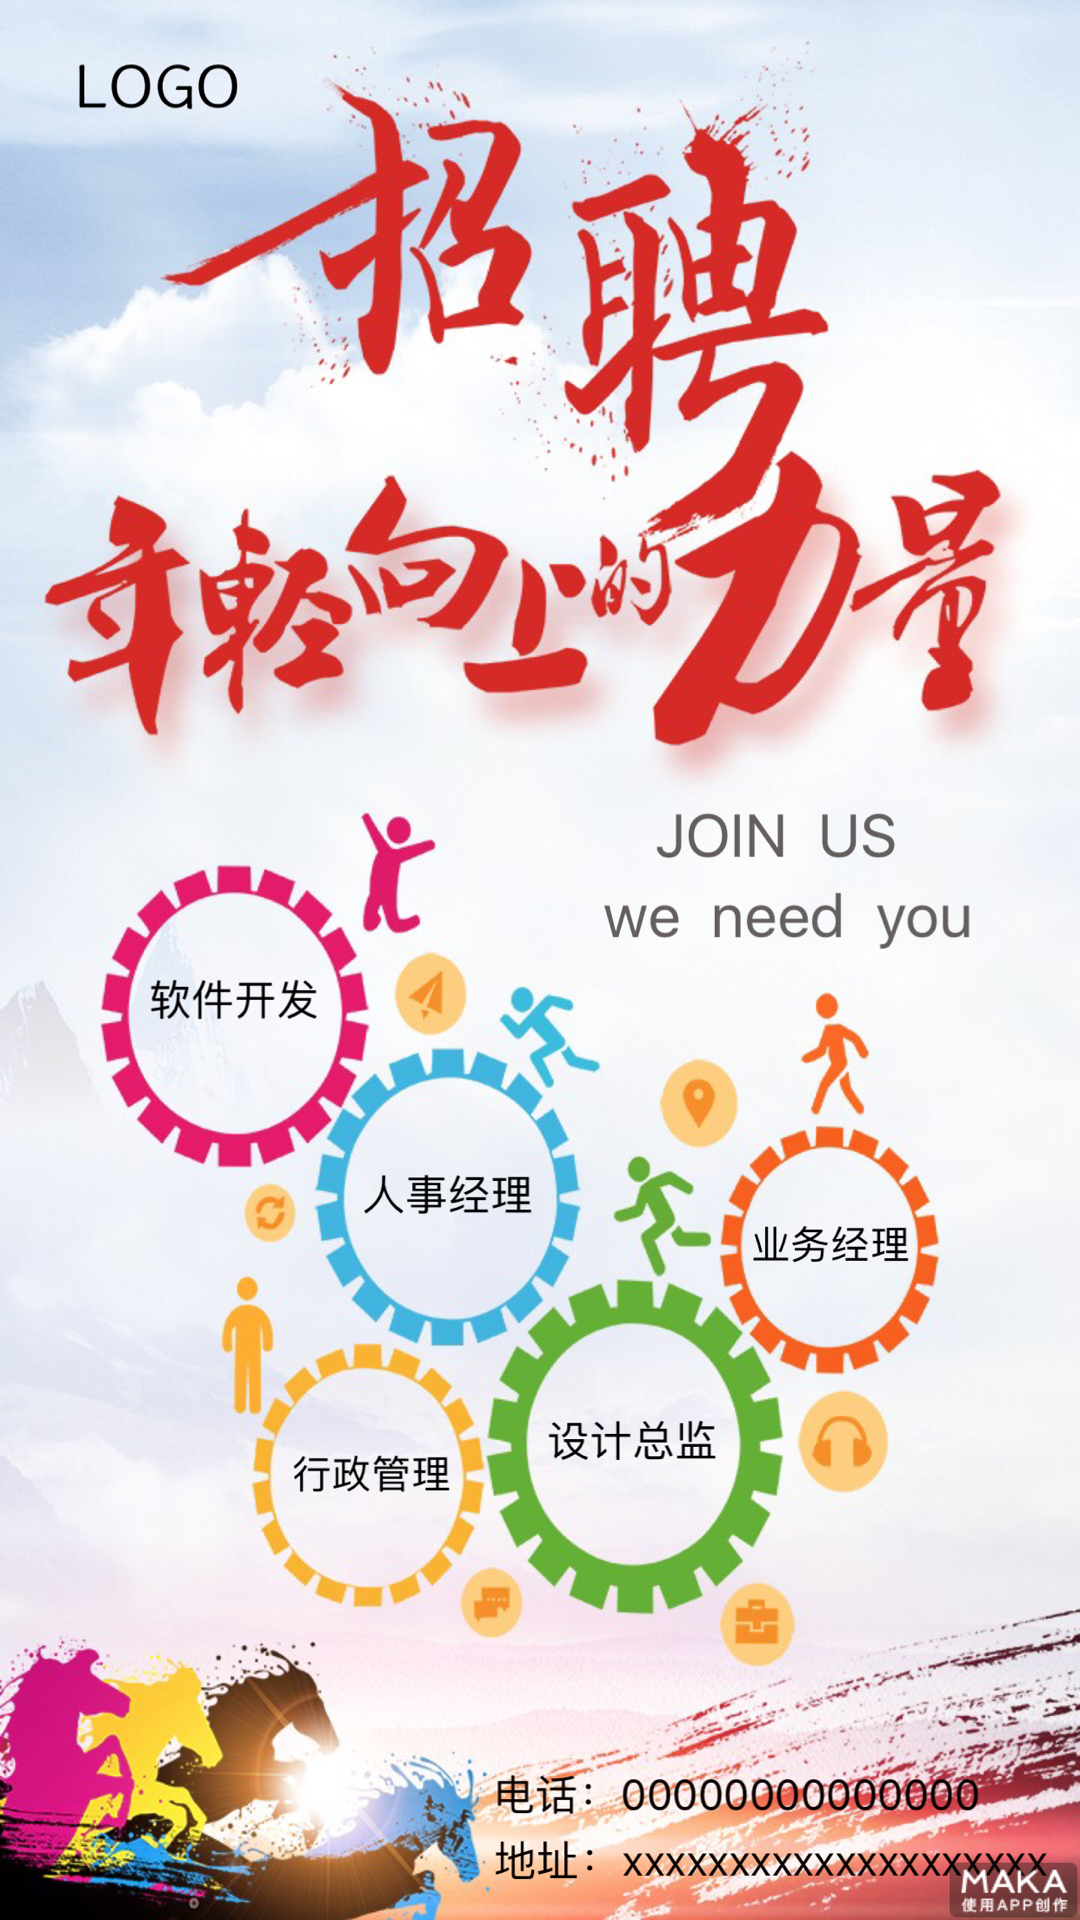 年轻活力校园/企业招聘广告海报